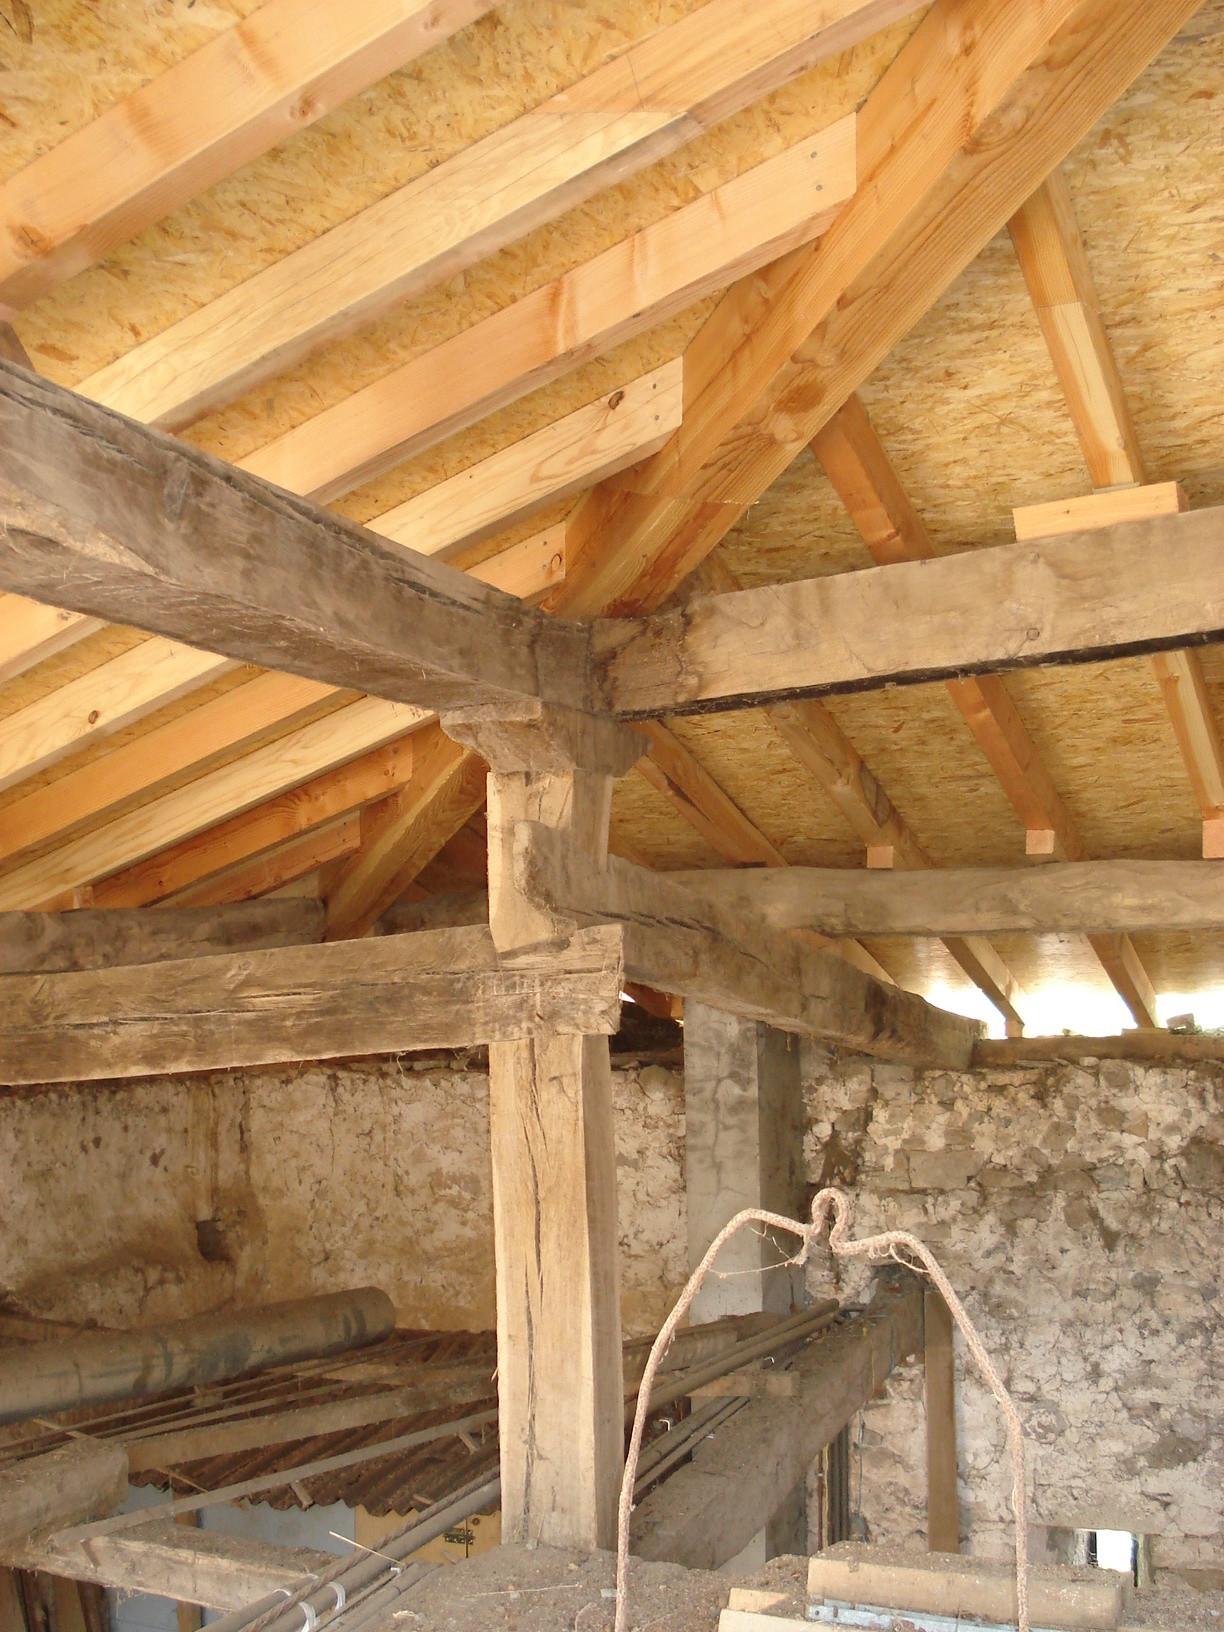 Tejados y estructuras en madera contacto - Estructuras de madera para tejados ...